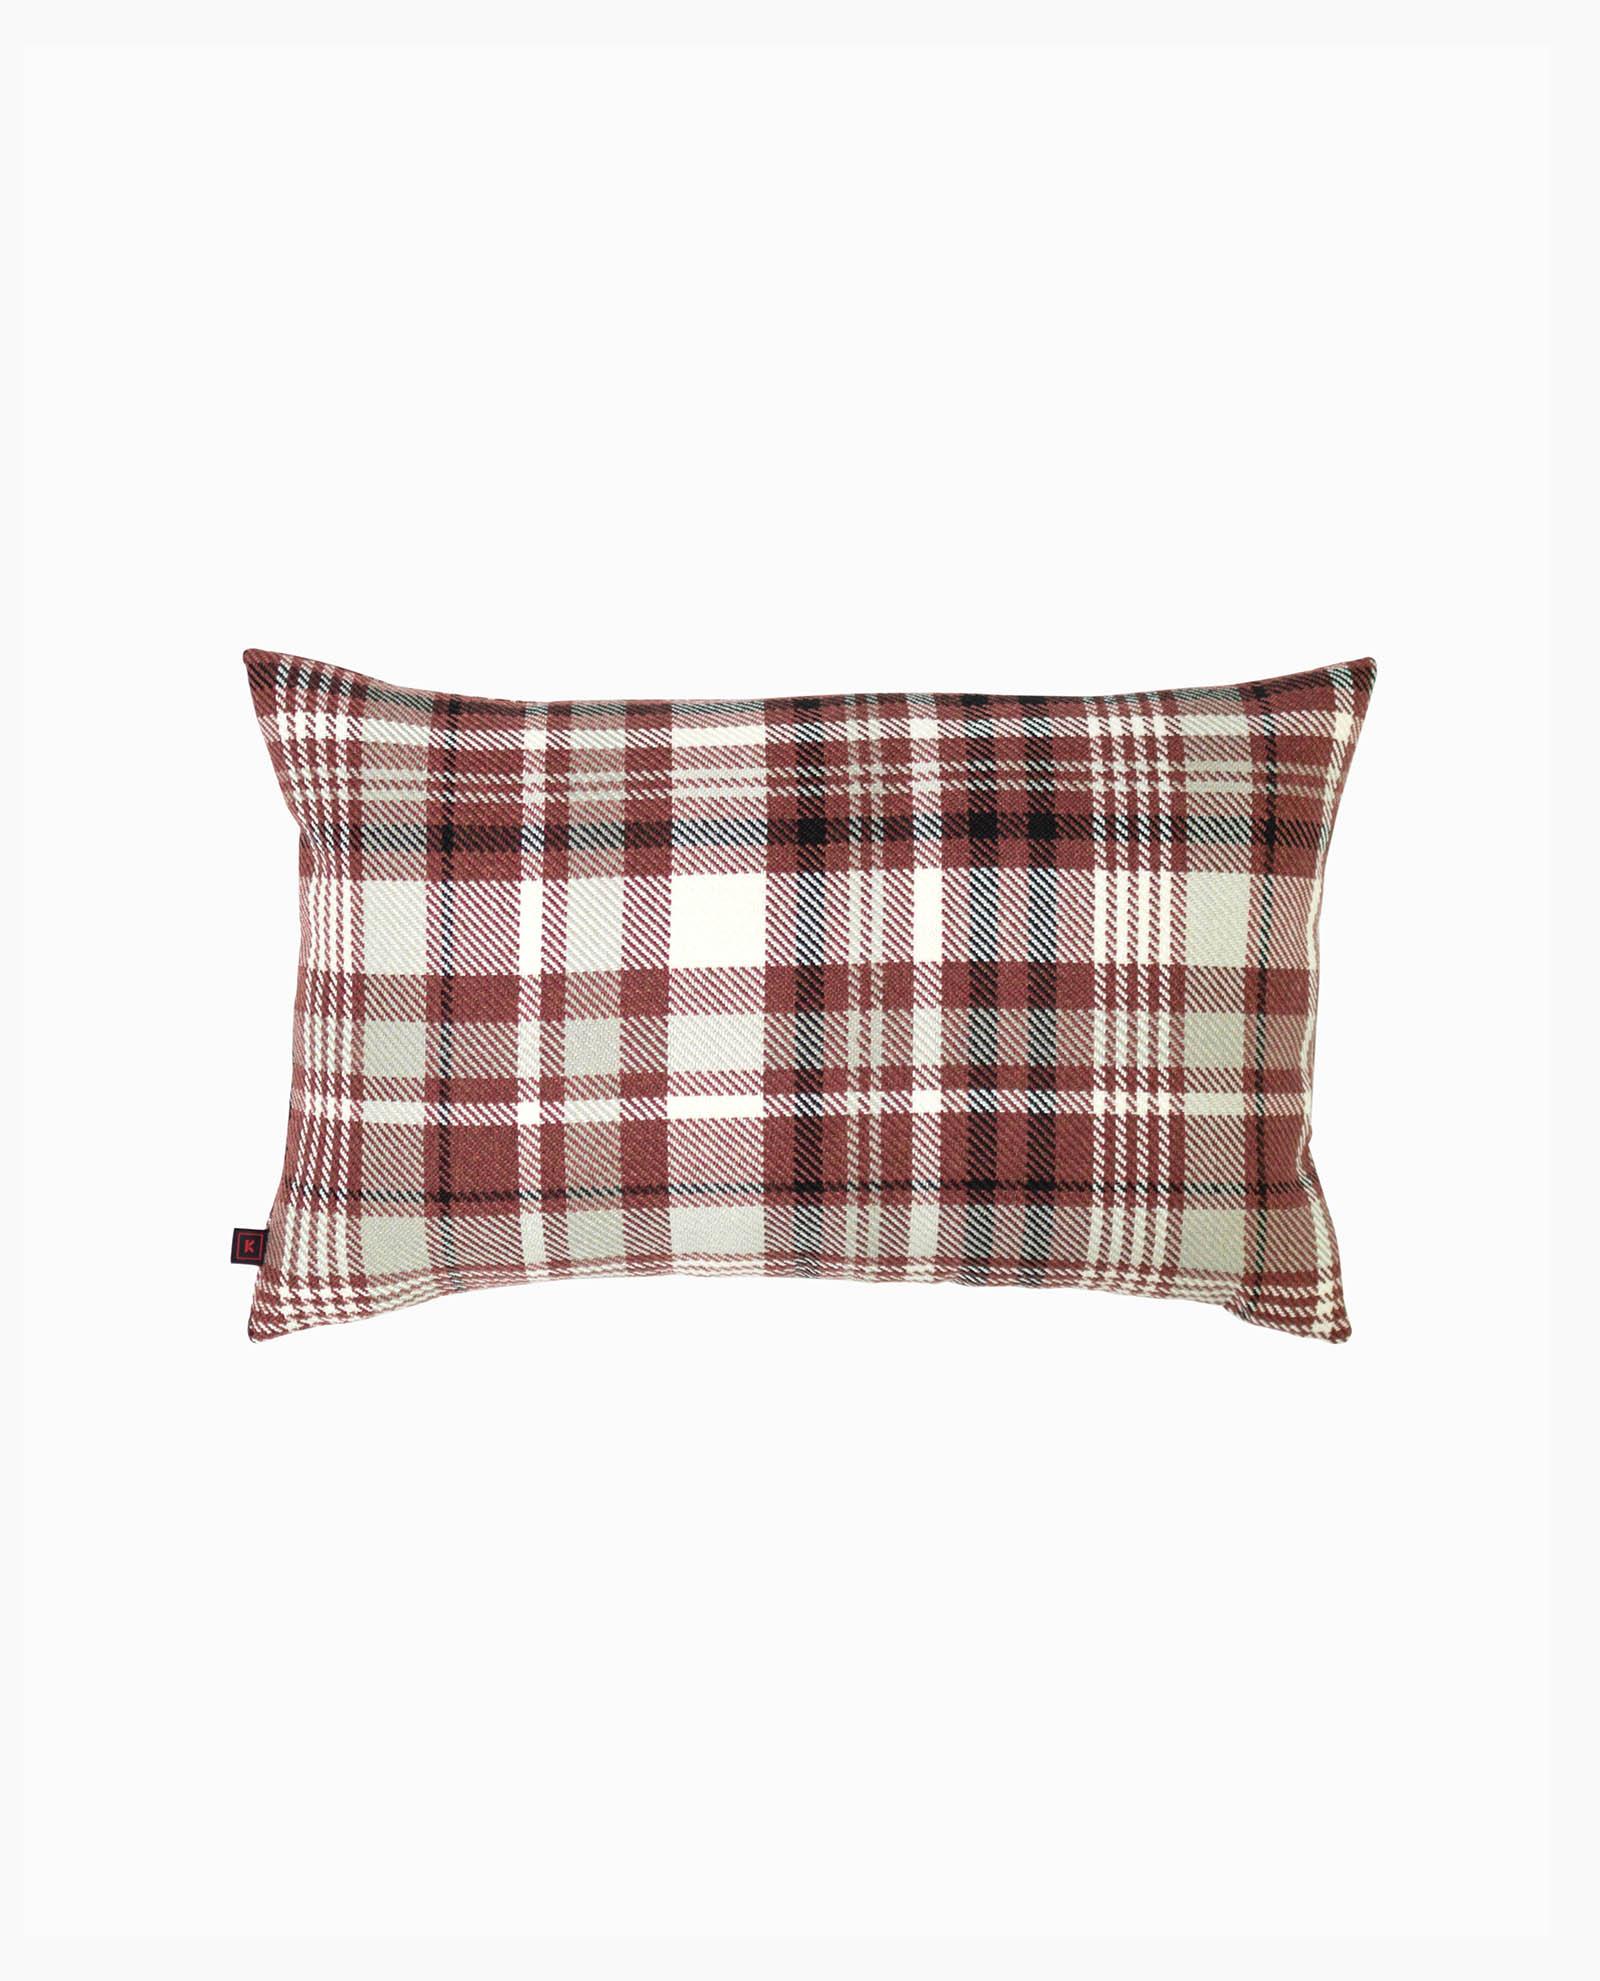 almofada vermelha com padrão